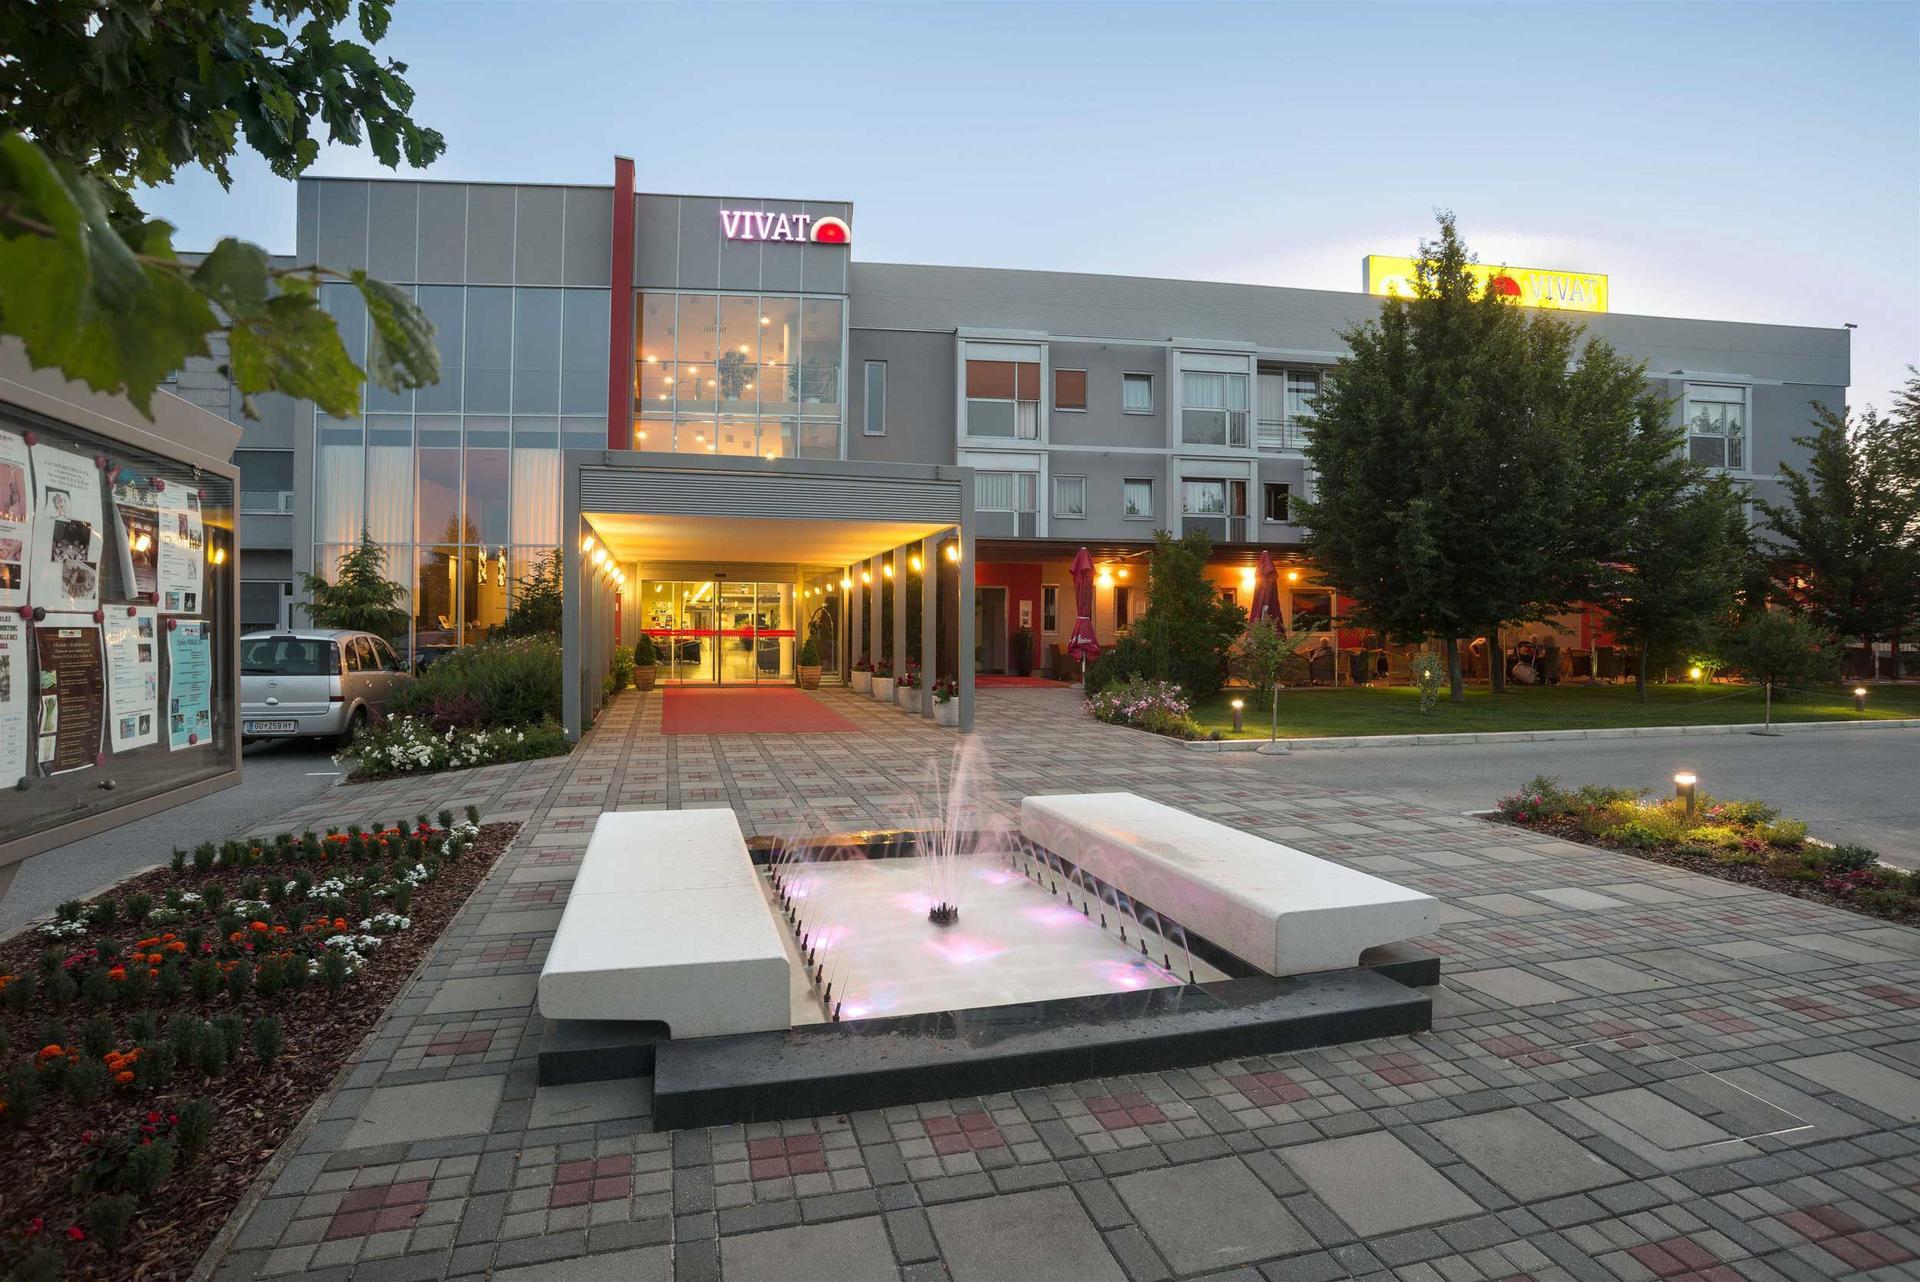 1422867139 tmp Hotel Vivat klein